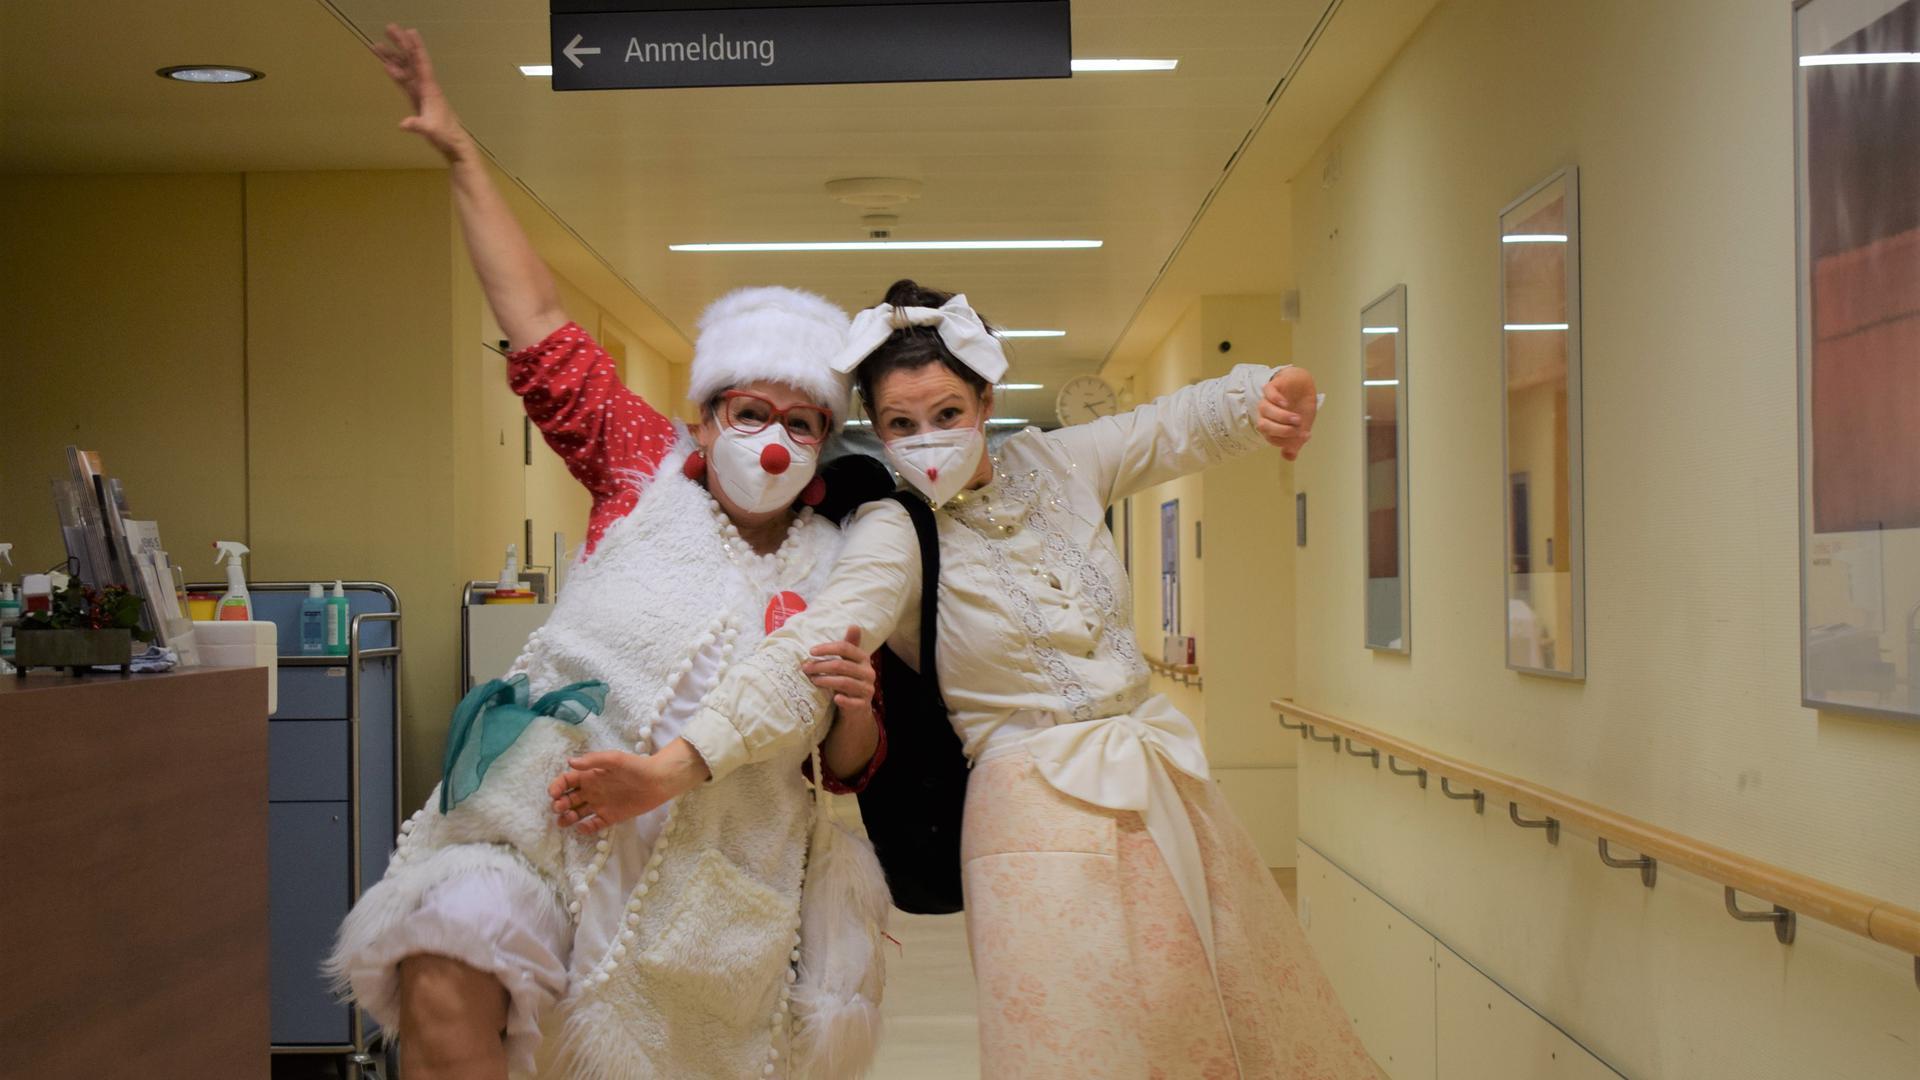 Bringen gute Laune mit: Die Klinikclowns Doris Batzler (links) und Berenike Felger sind einmal in der Woche auf der Station für Querschnittslähmungen am SRH-Klinikum in Karlsbad-Langensteinbach unterwegs.